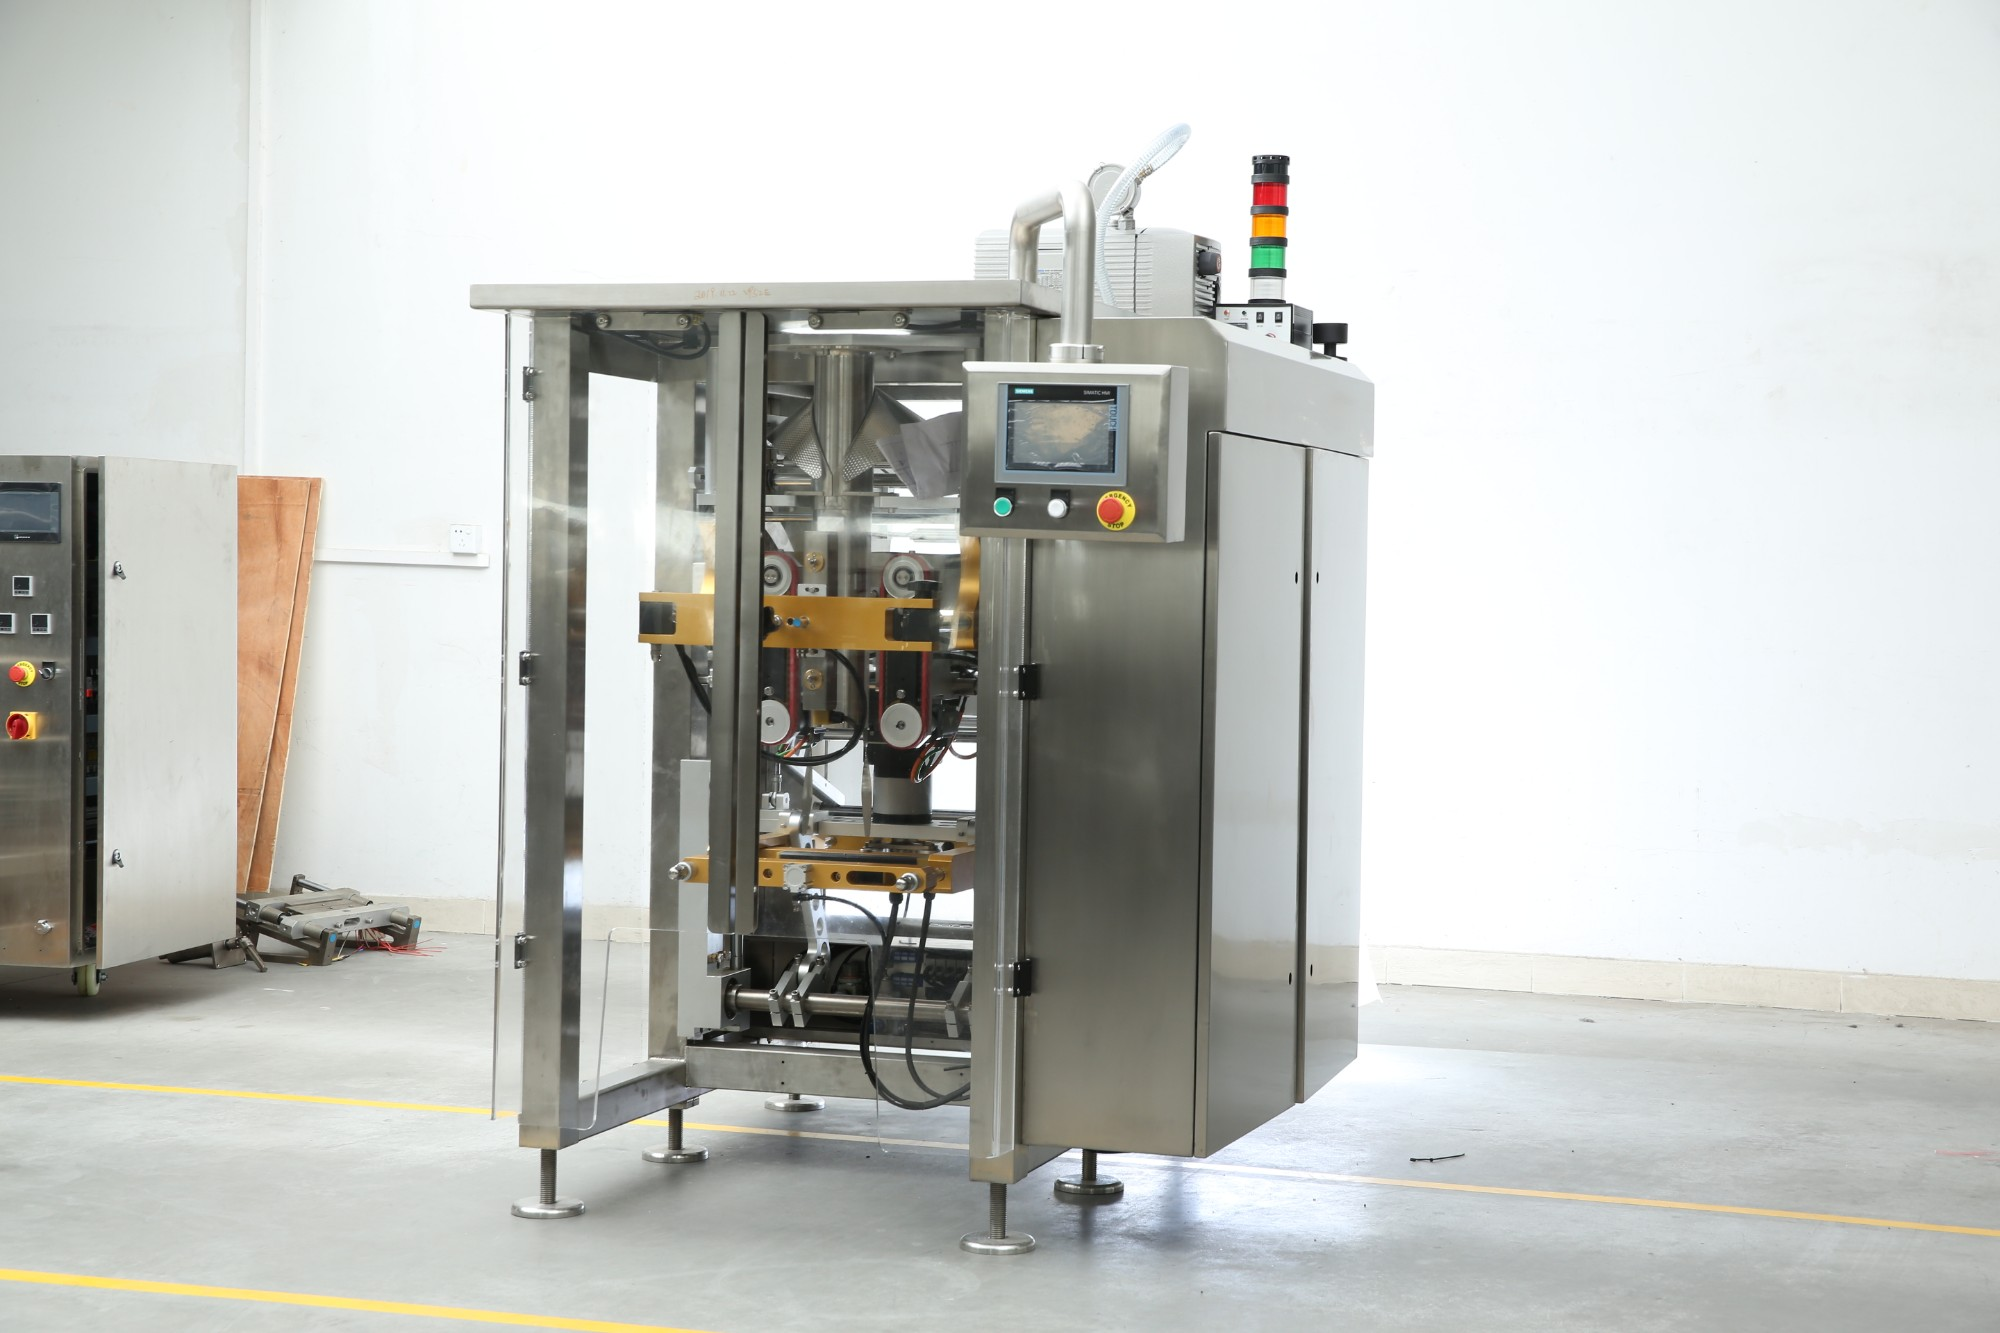 Mașină de ambalat de mare viteză dezvoltată recent pentru ambalarea salatei de la BAOPACK